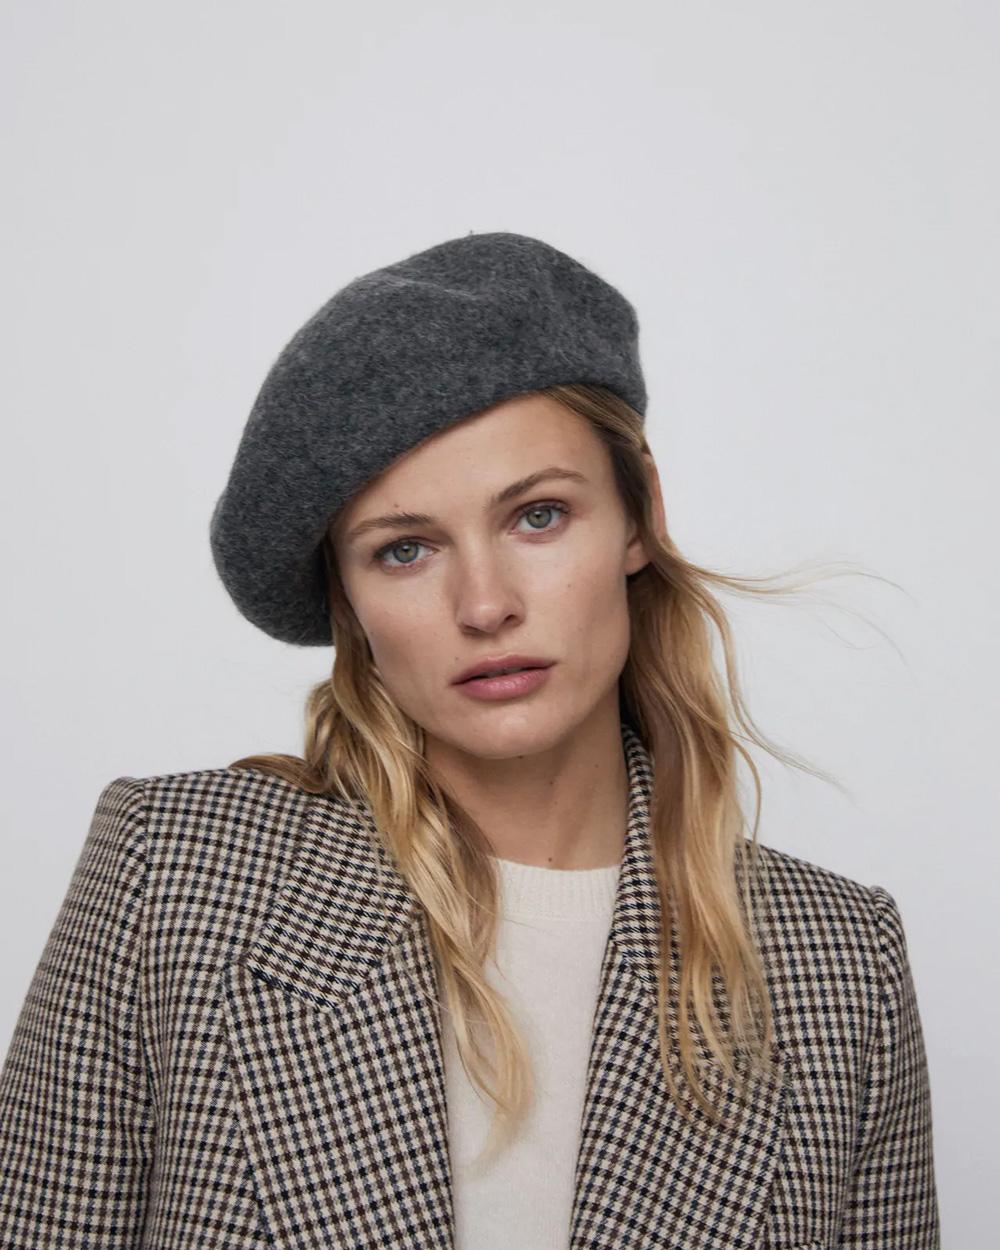 Zara beretka zima 2020.